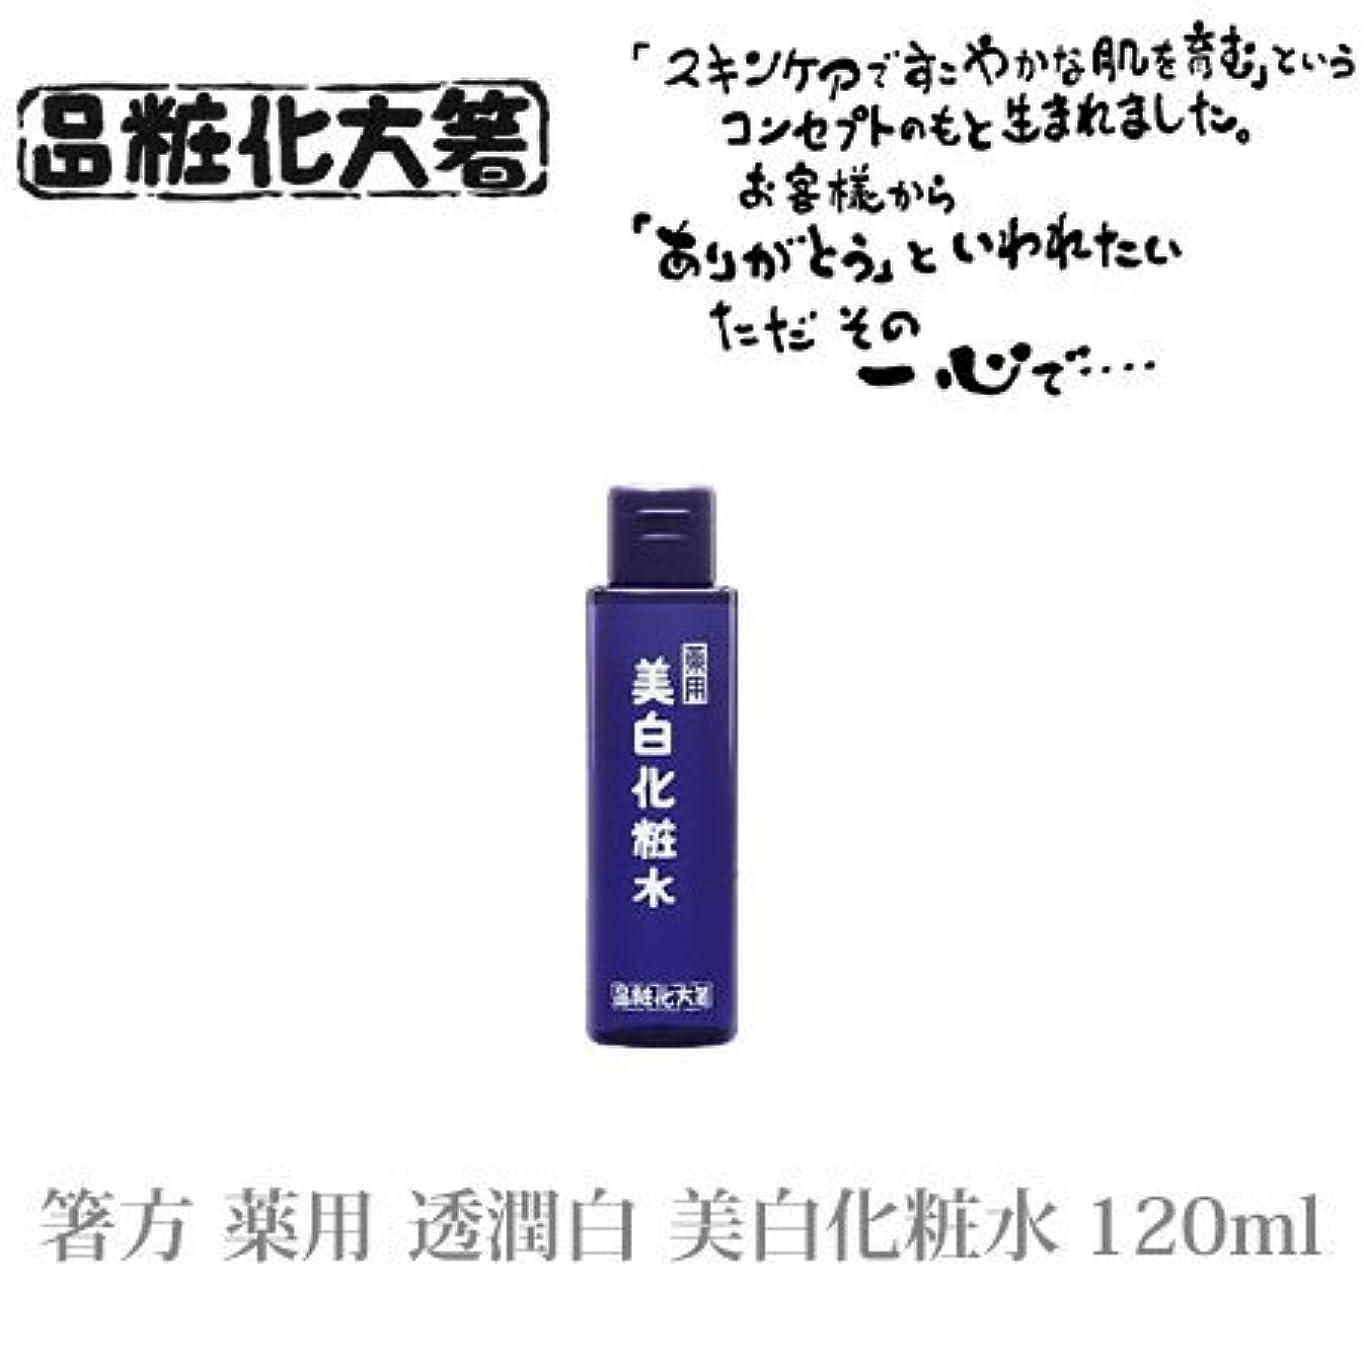 雷雨リフレッシュ母性箸方化粧品 薬用 透潤白 美白化粧水 120ml はしかた化粧品